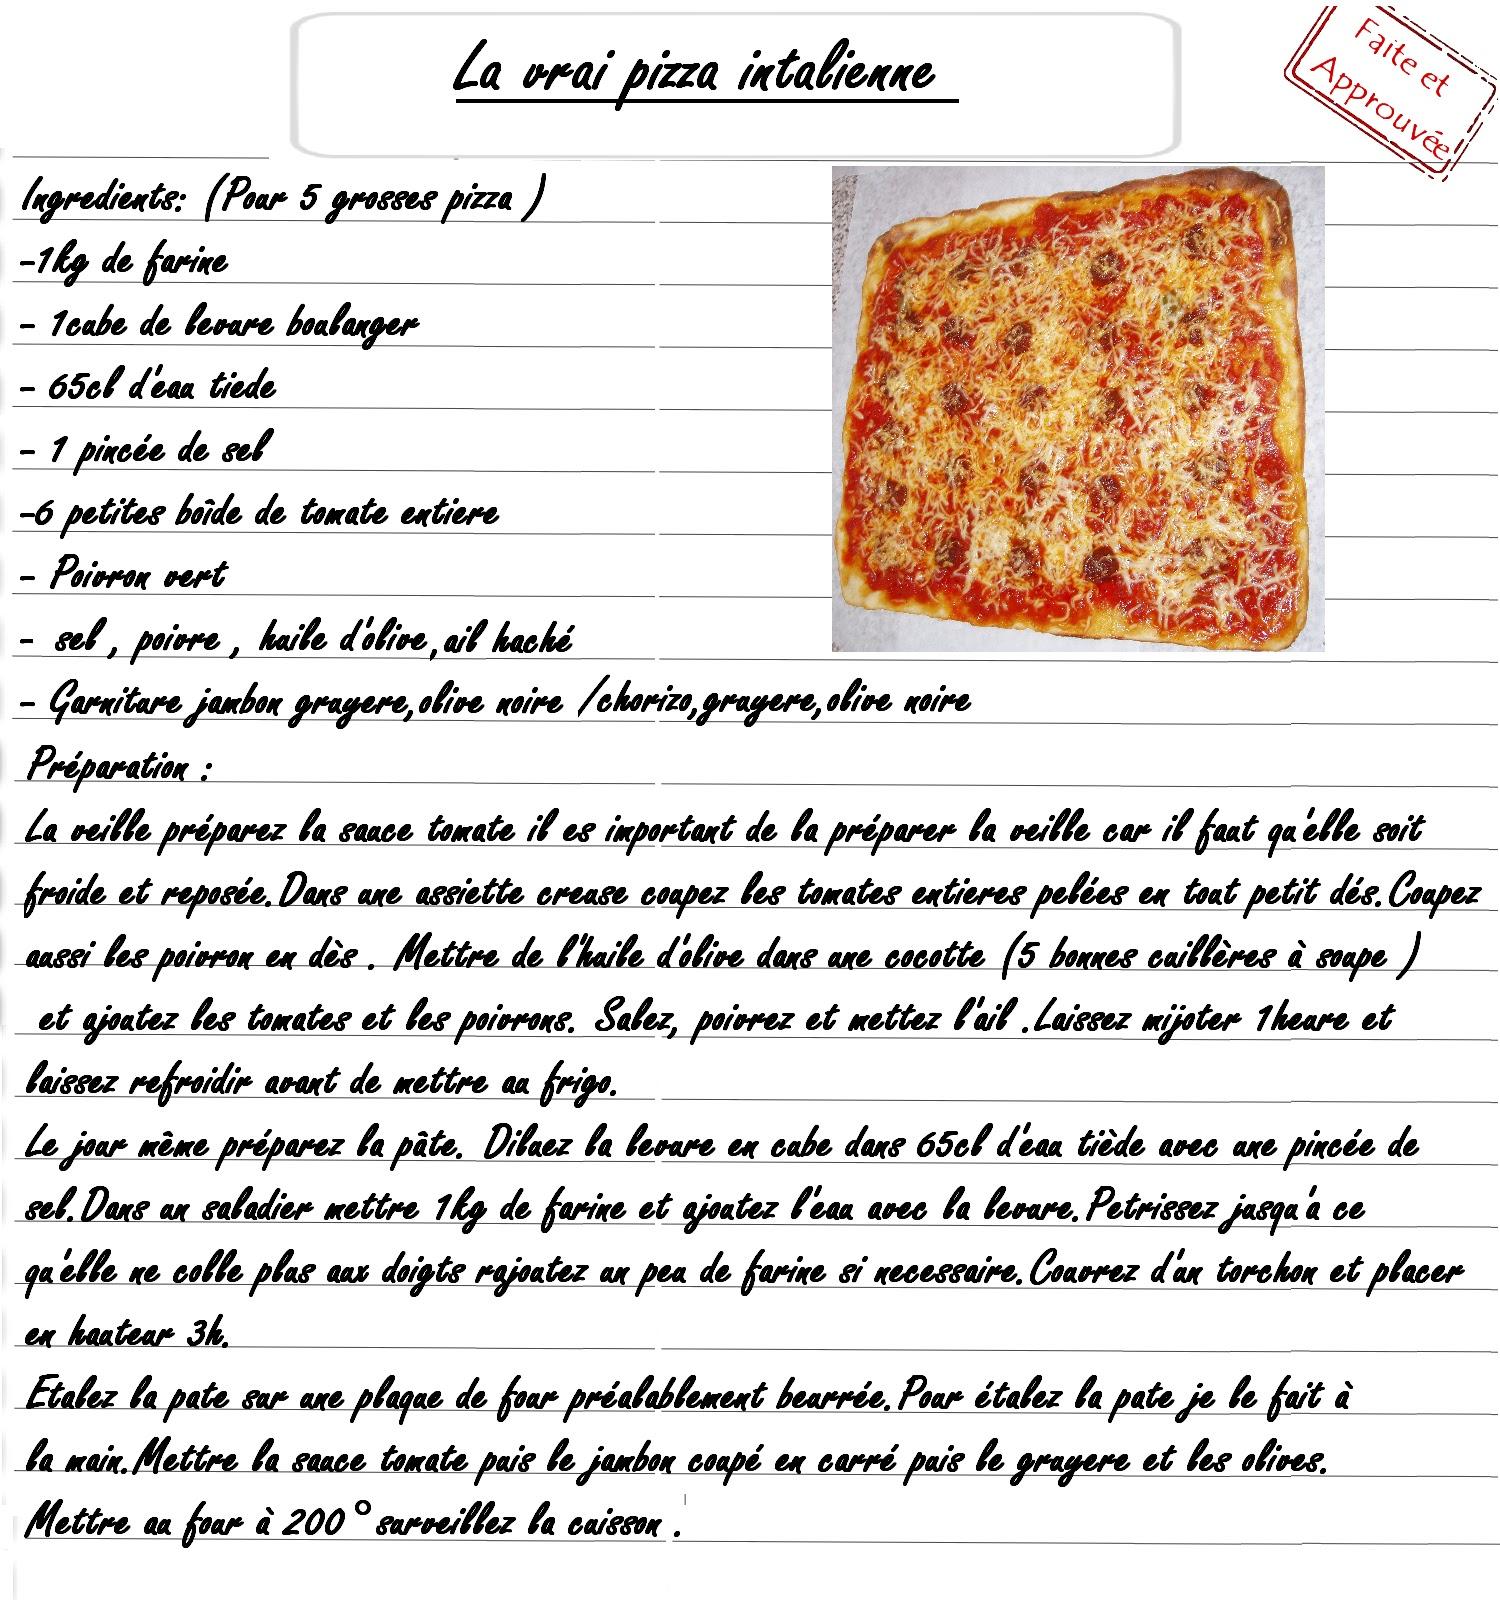 Ma Cuisine Mes Origines Pizza Italienne Fait Maison